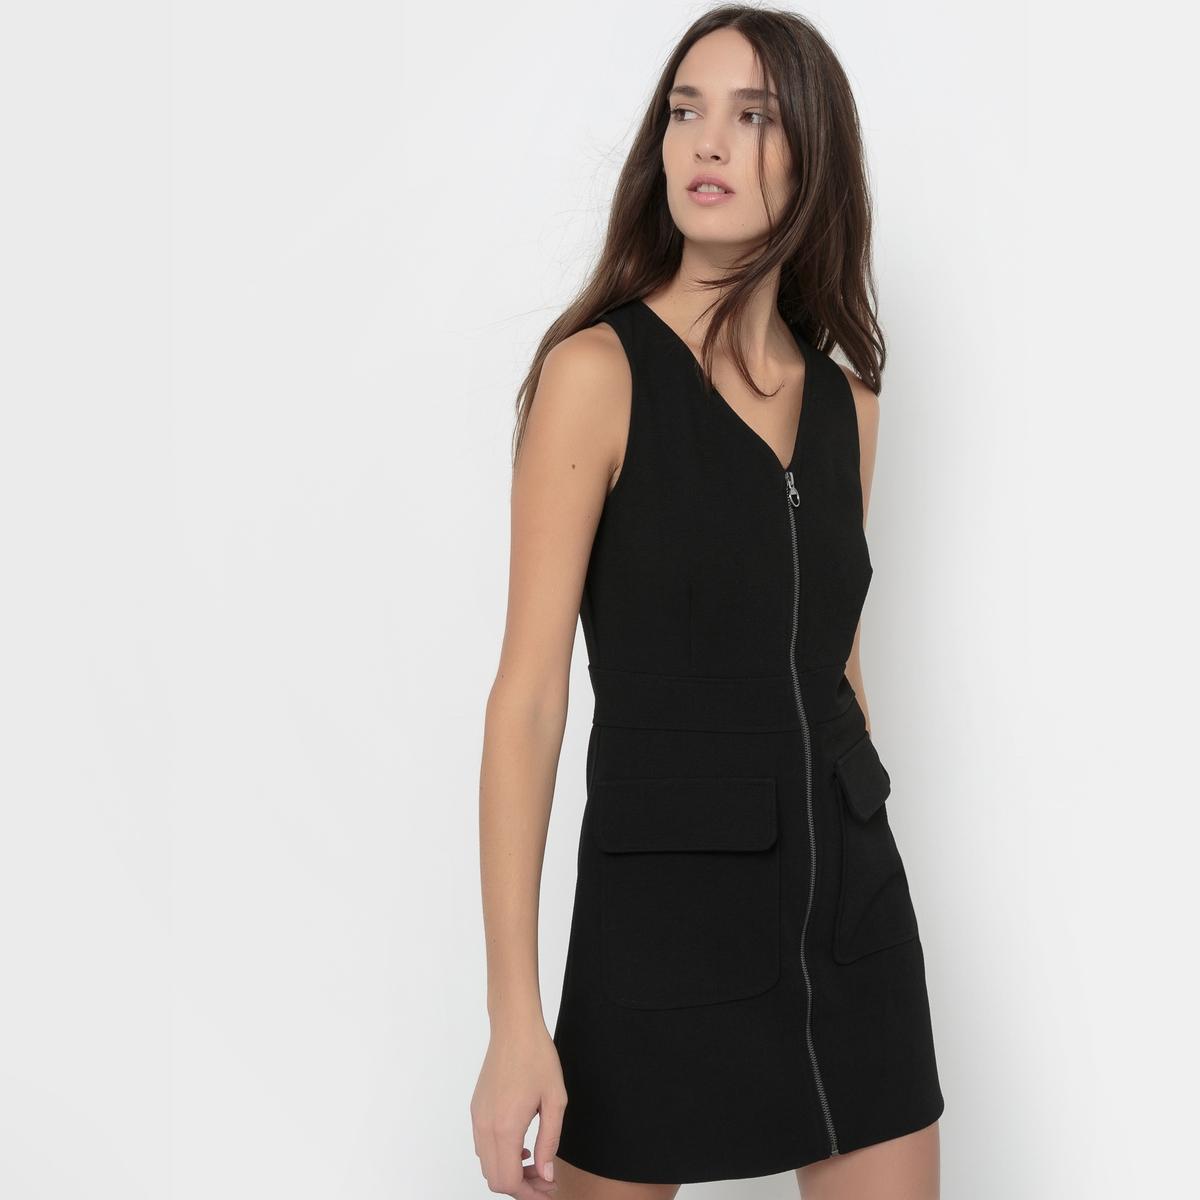 Платье LESLIСостав и описание:Материал: 100% полиэстера.Марка: PEPE JEANS.Модель: LESLI.<br><br>Цвет: черный<br>Размер: XL.L.S